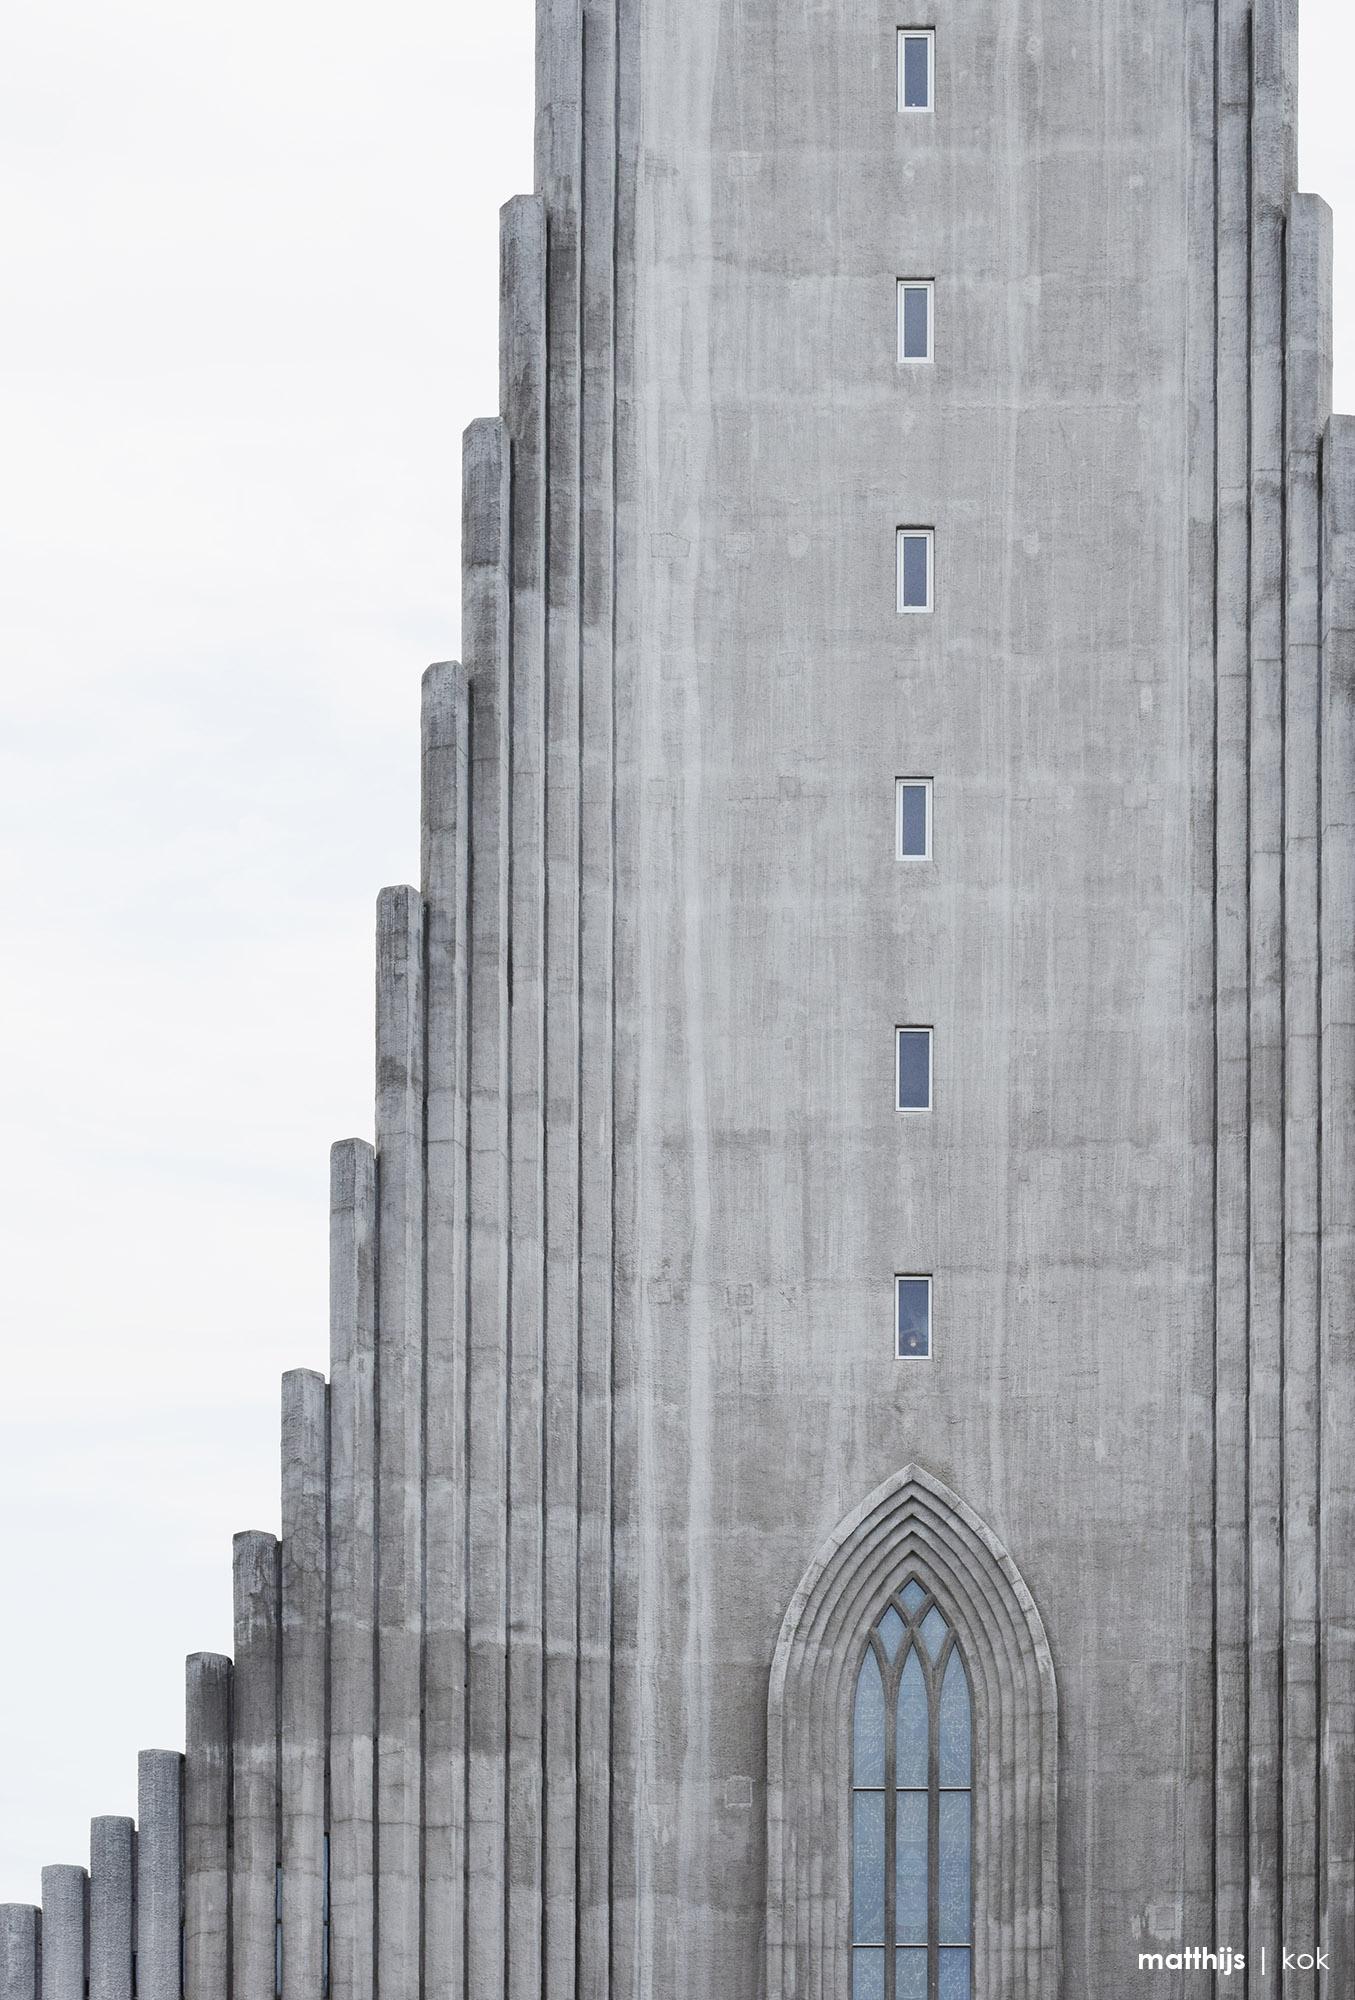 Hallgrímskirkja Architecture, Reykjavik, Iceland | Photo by Matthijs Kok